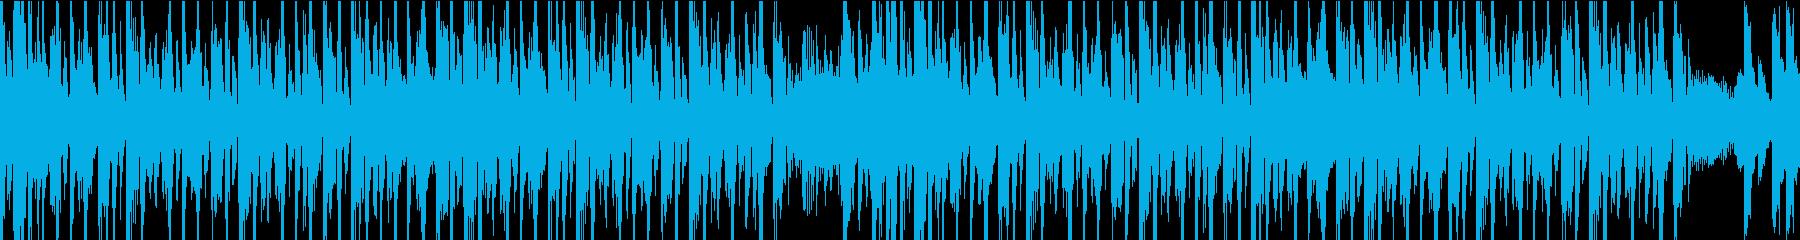 宇宙的で疾走感のあるサイバーなループの再生済みの波形